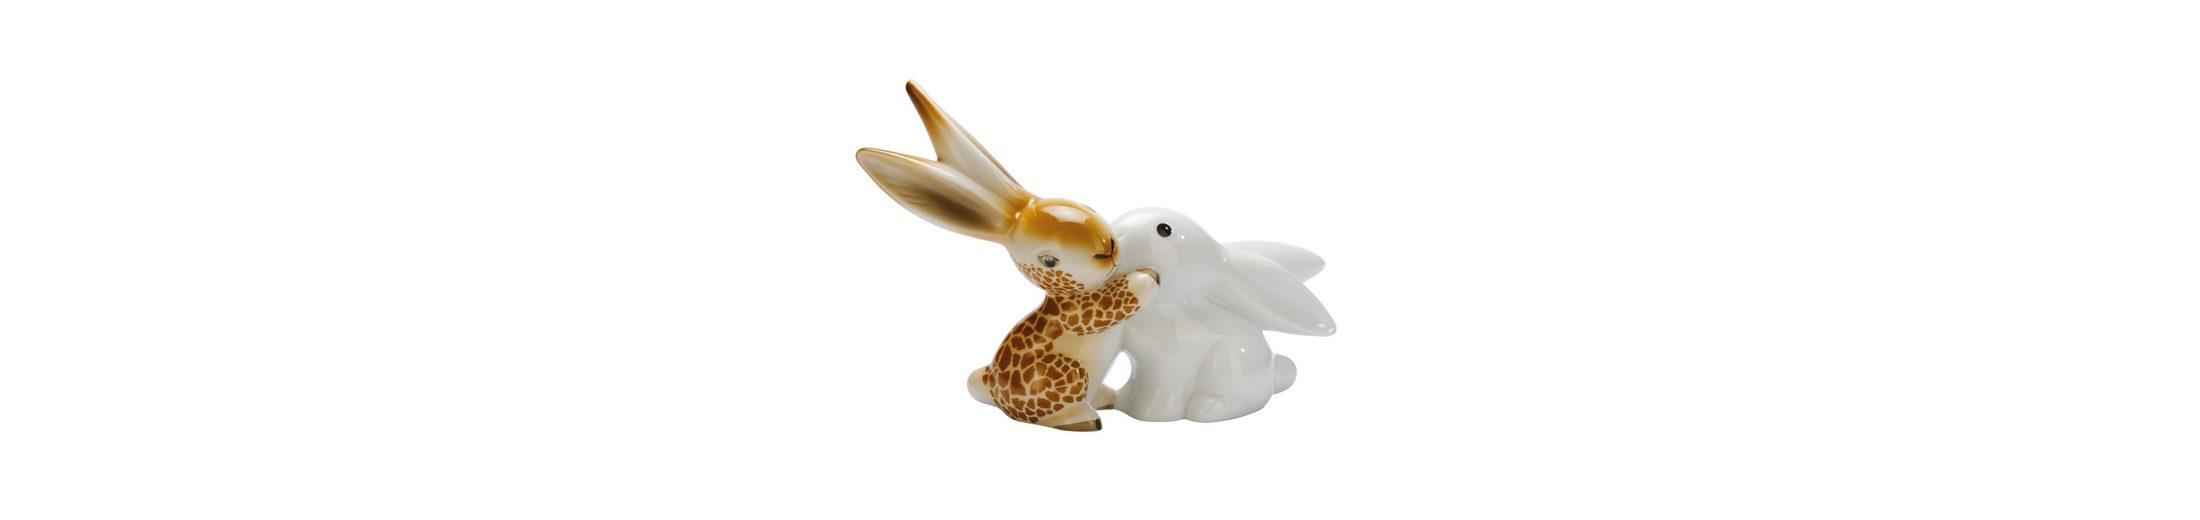 Goebel Giraffe Bunny in Love »Bunny de luxe«